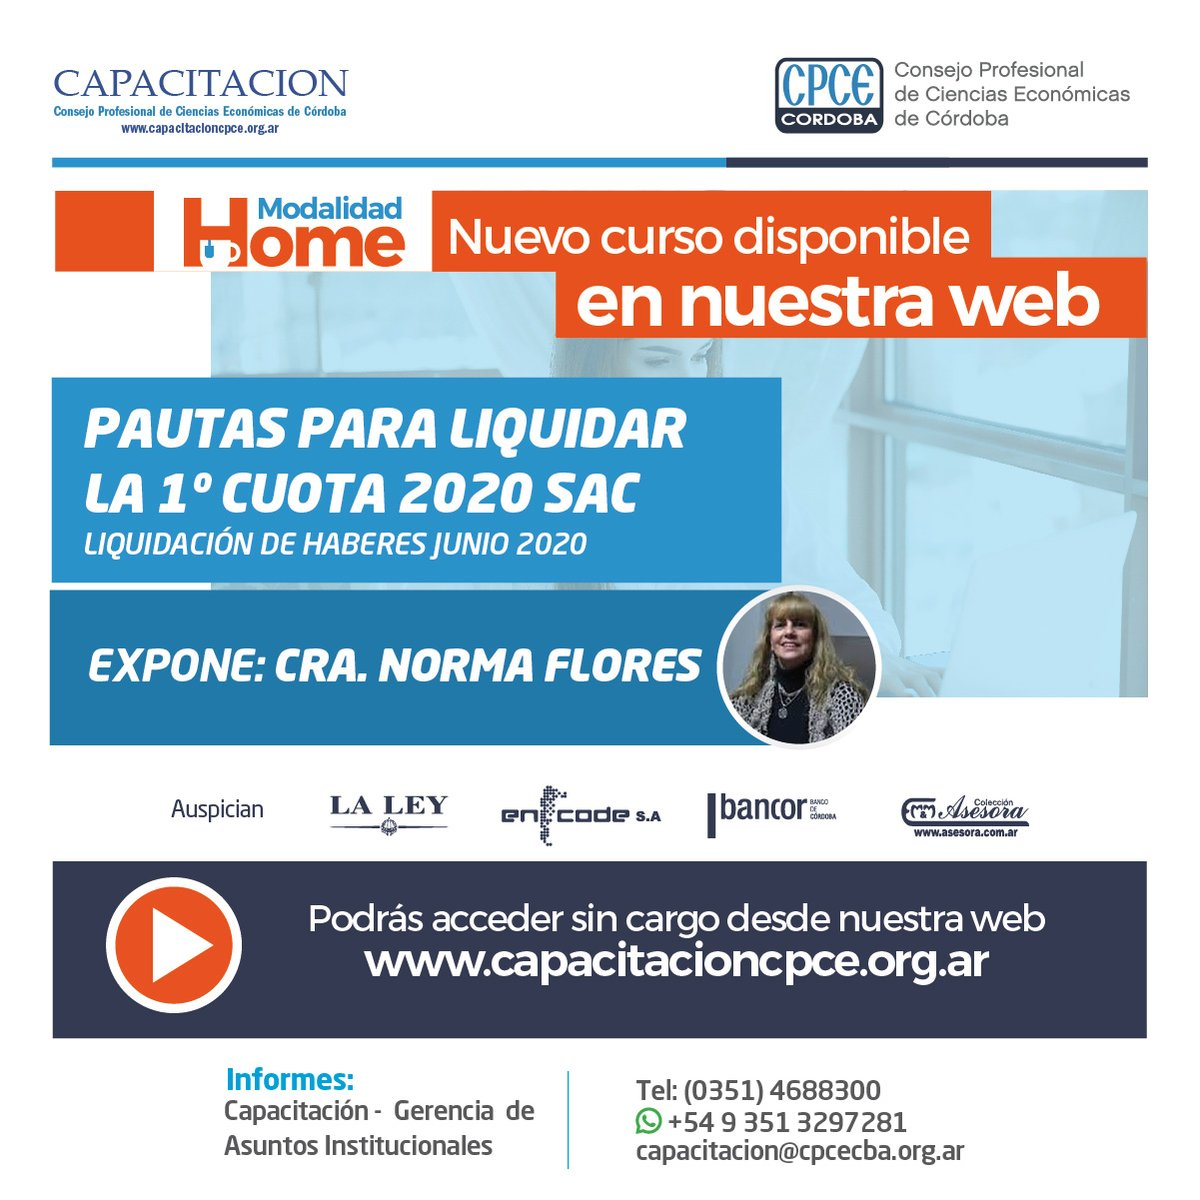 CPCE Córdoba @CPCECordoba: Pautas para liquidar la 1º cuota 2020 SAC. Liquidación haberes #Junio, en la web de Capacitación ➡️https://t.co/SShjf0Afdx⬅️ https://t.co/VHEFQIteCH